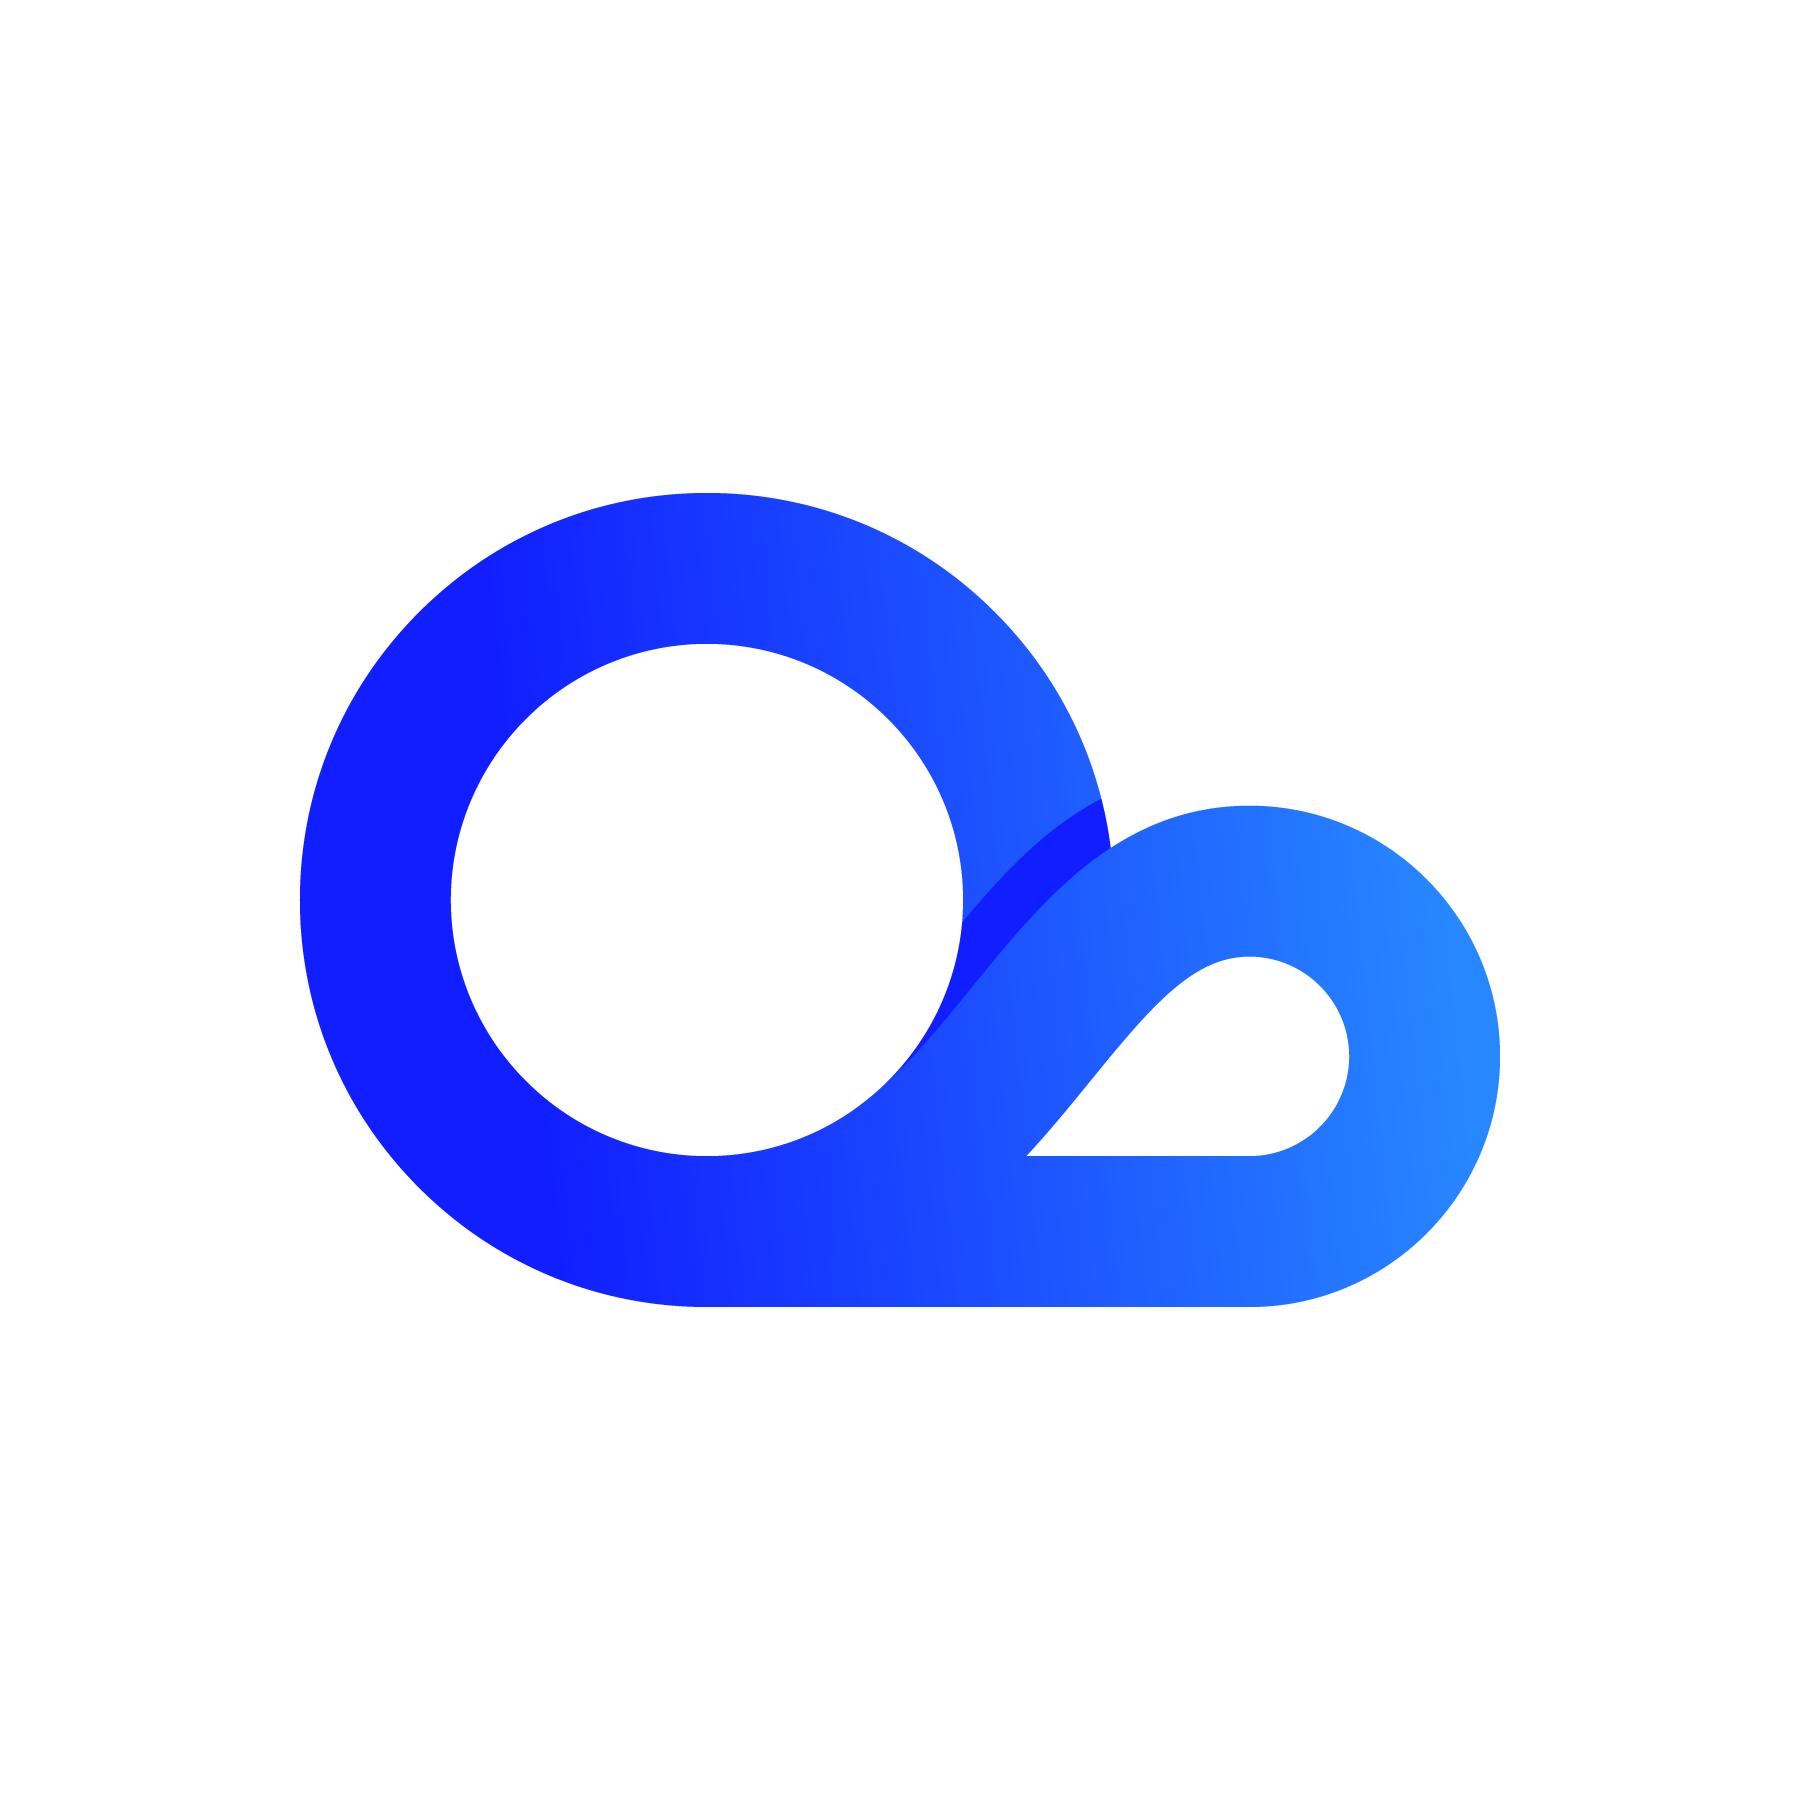 Cloud Q | Logo concept